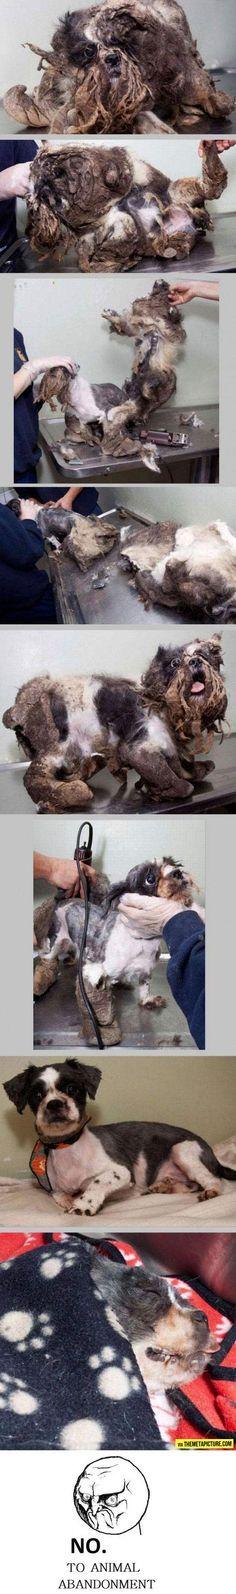 Ayuda a los animales ,no los hagas sufrir ...ten les cariño ...ayuda , no compres adopta ....